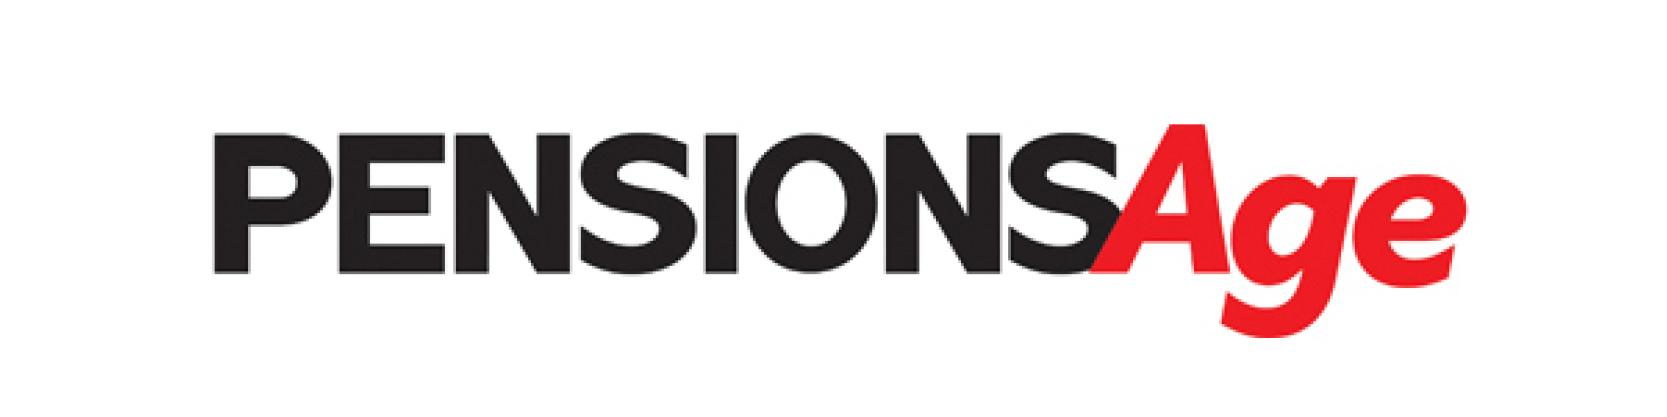 PensionAge logo